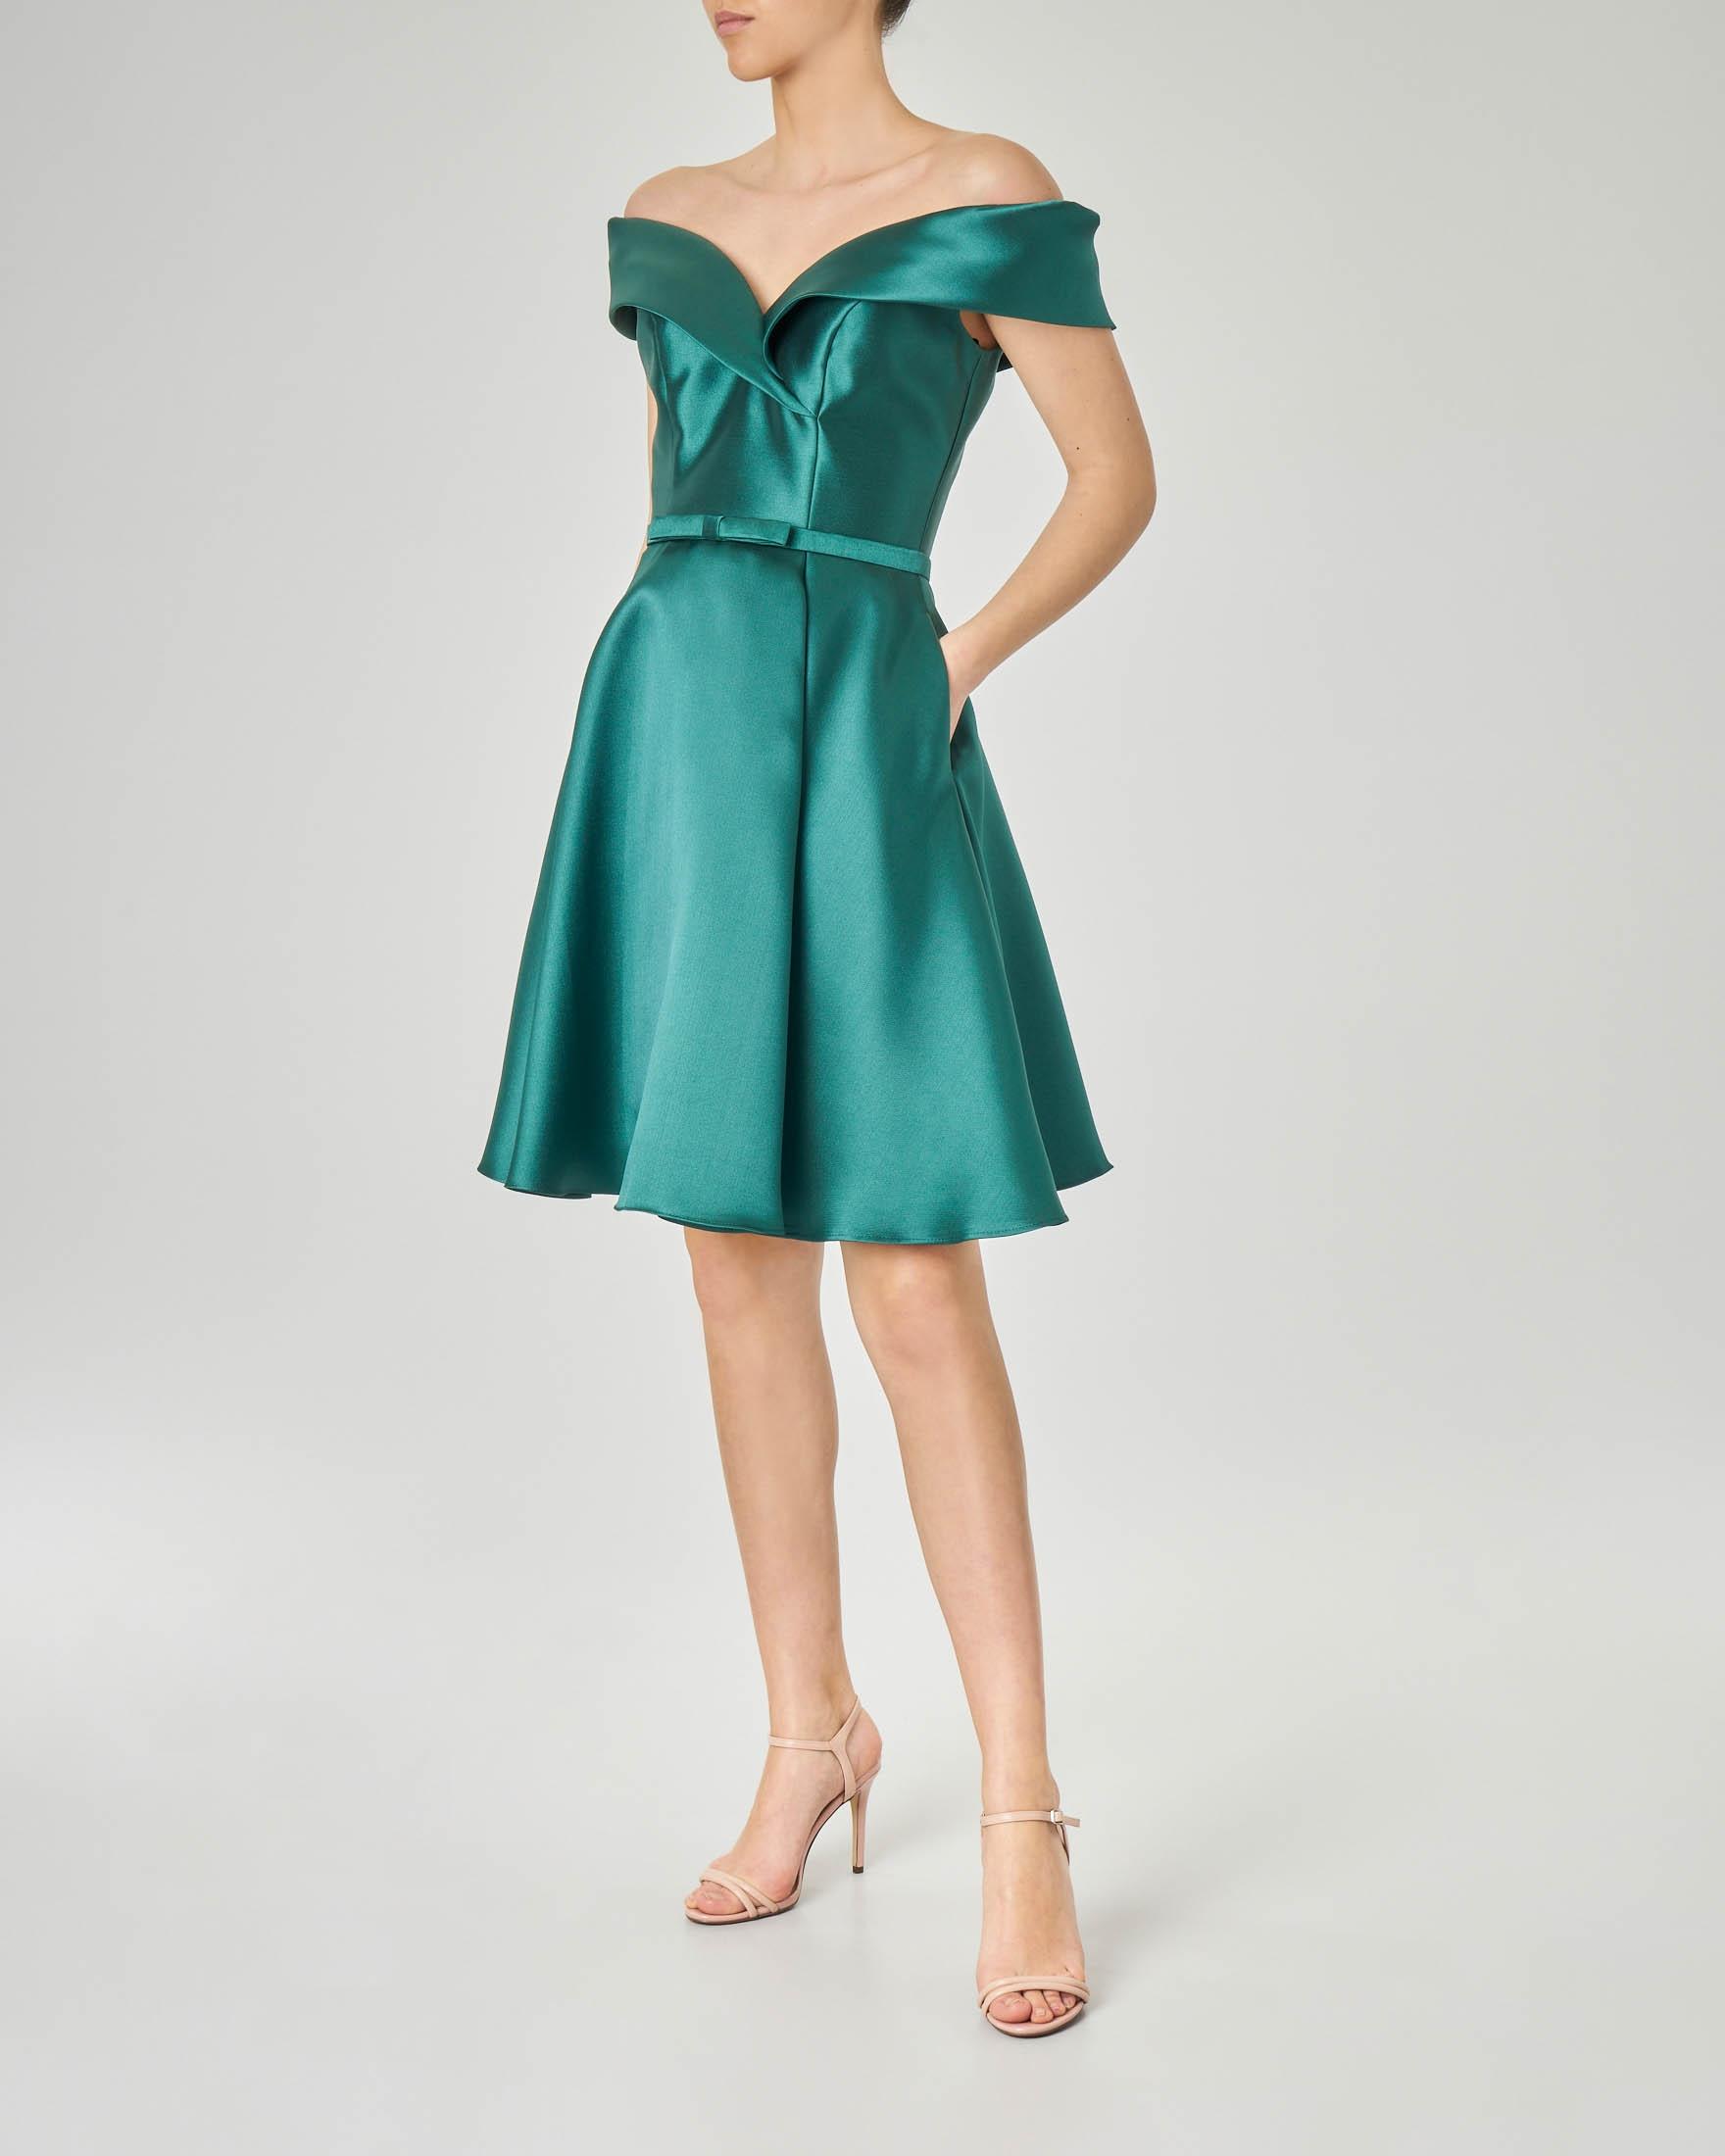 quality design 2c3ae 76878 Abito in tessuto effetto raso color verde smeraldo con gonna ampia e  scollatura a cuore